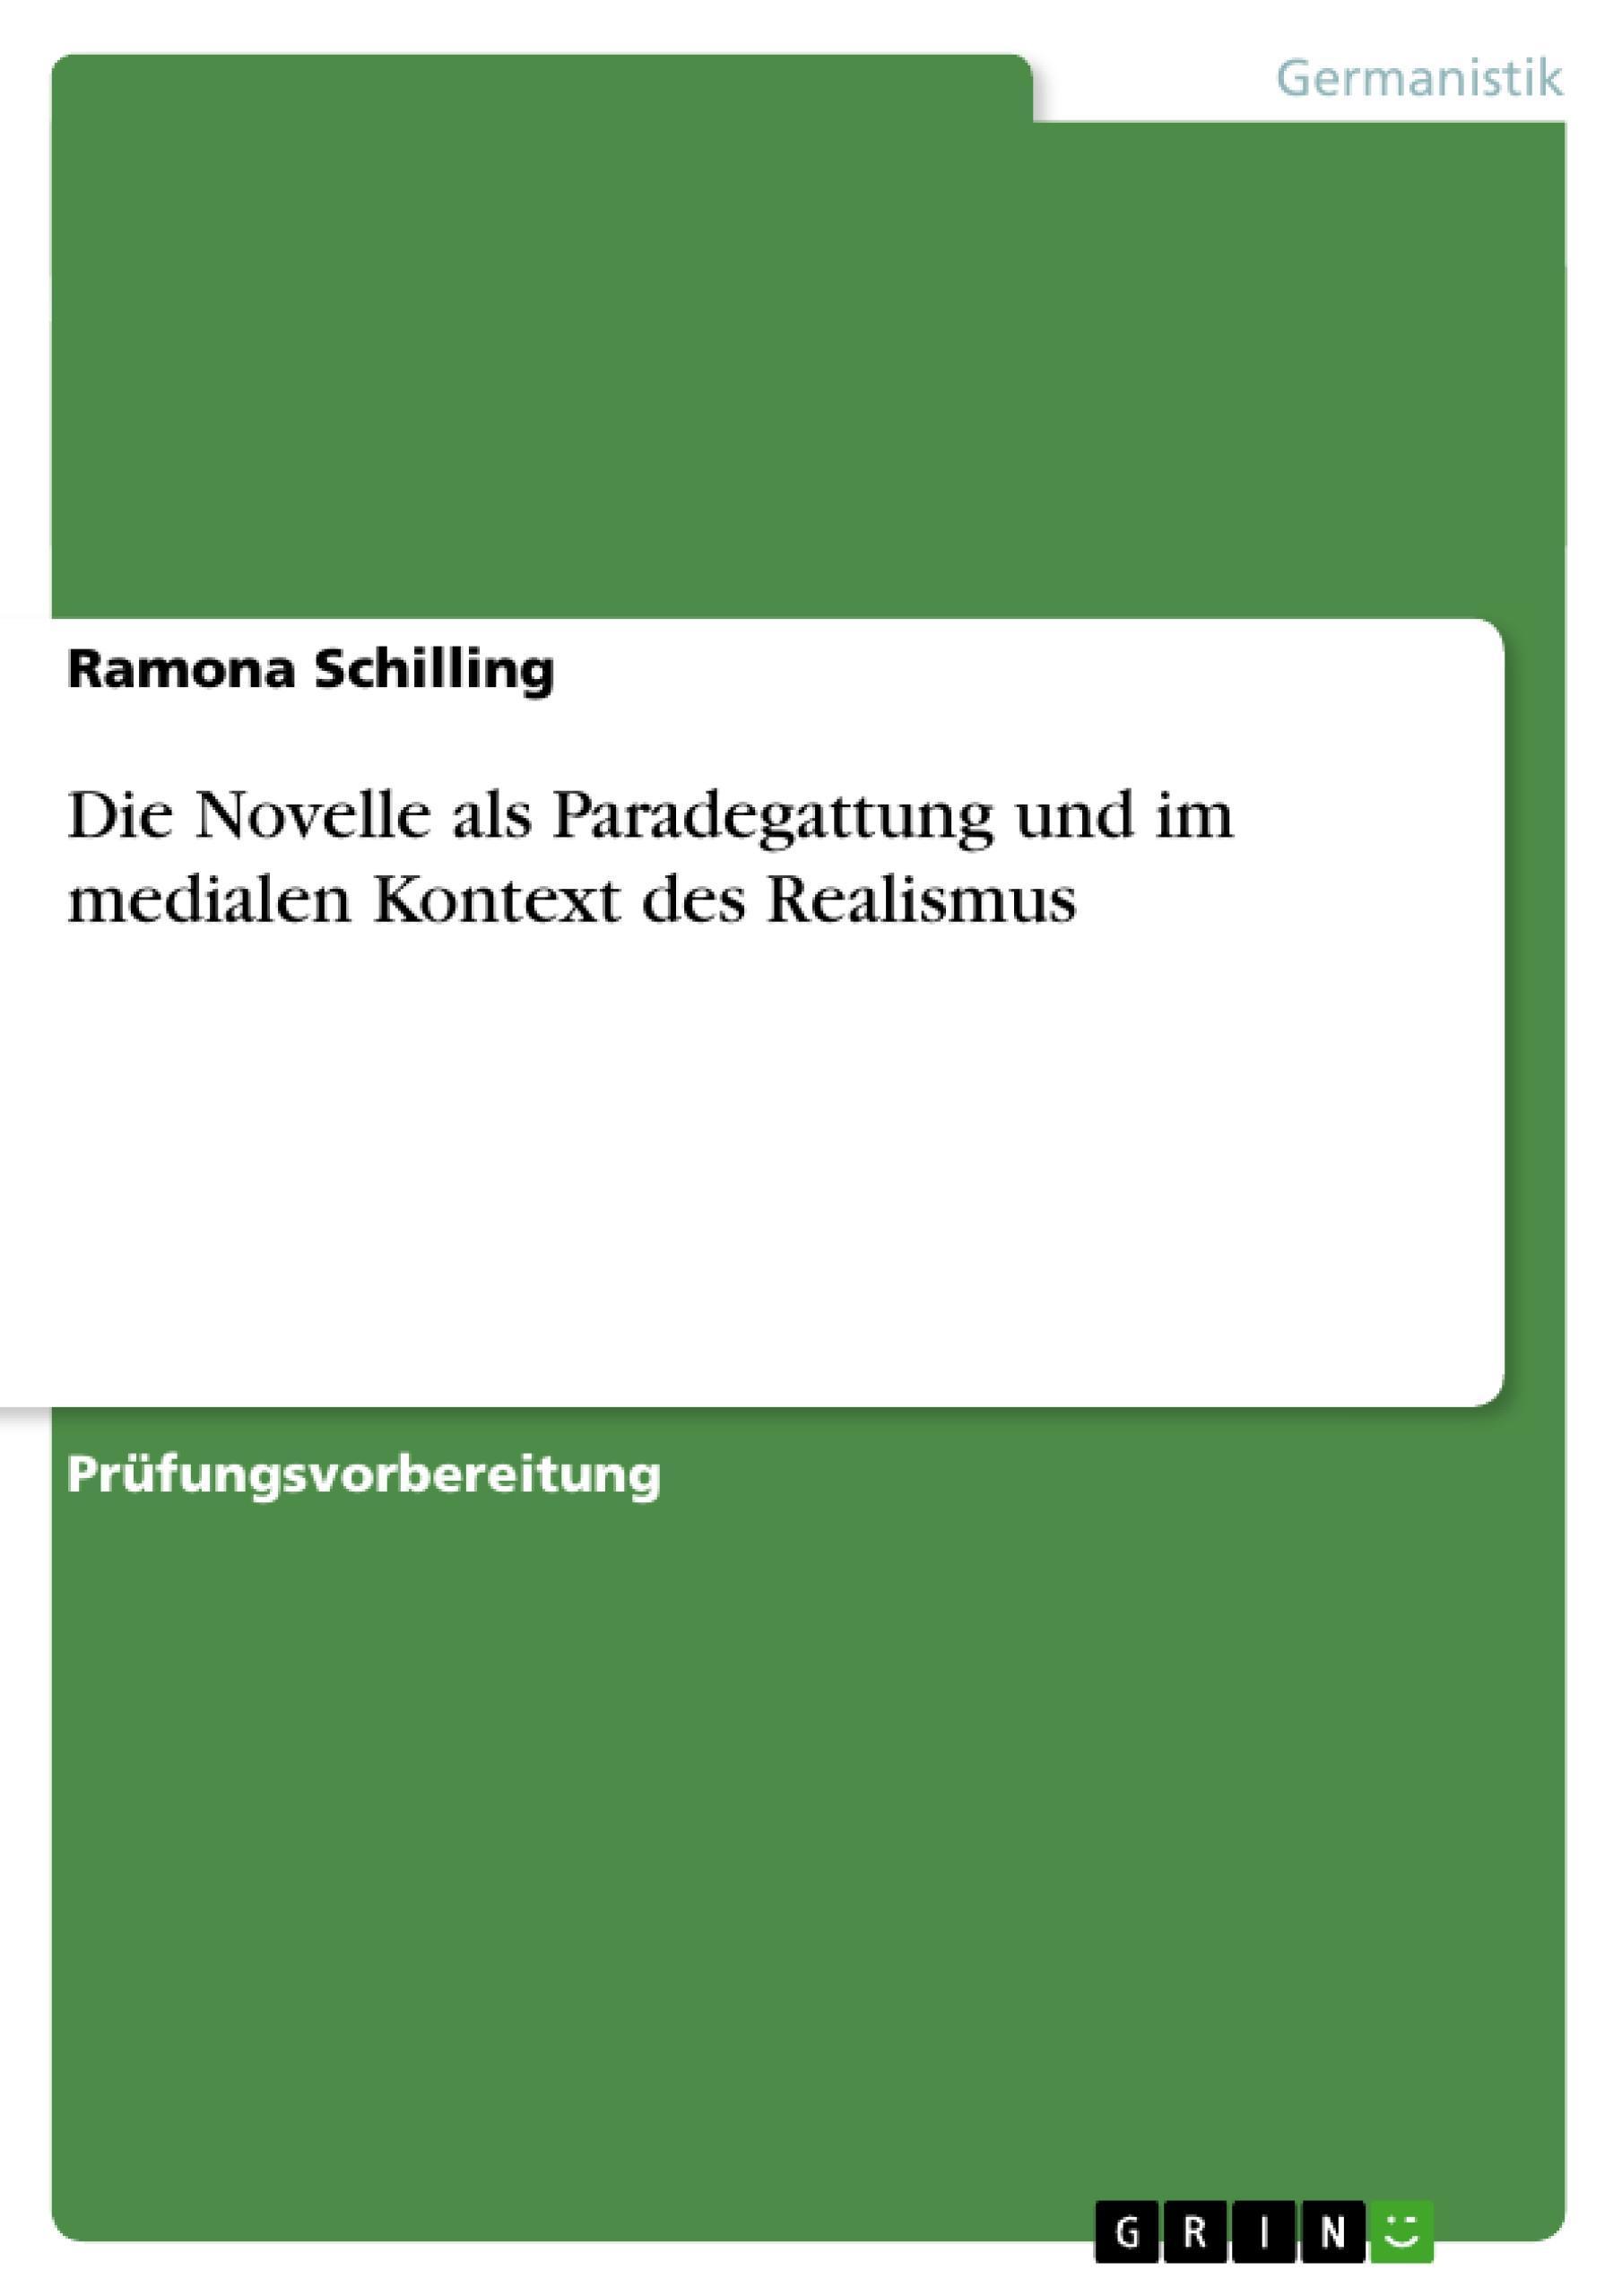 Die Novelle als Paradegattung und im medialen Kontext des Realismus Ramona  ...